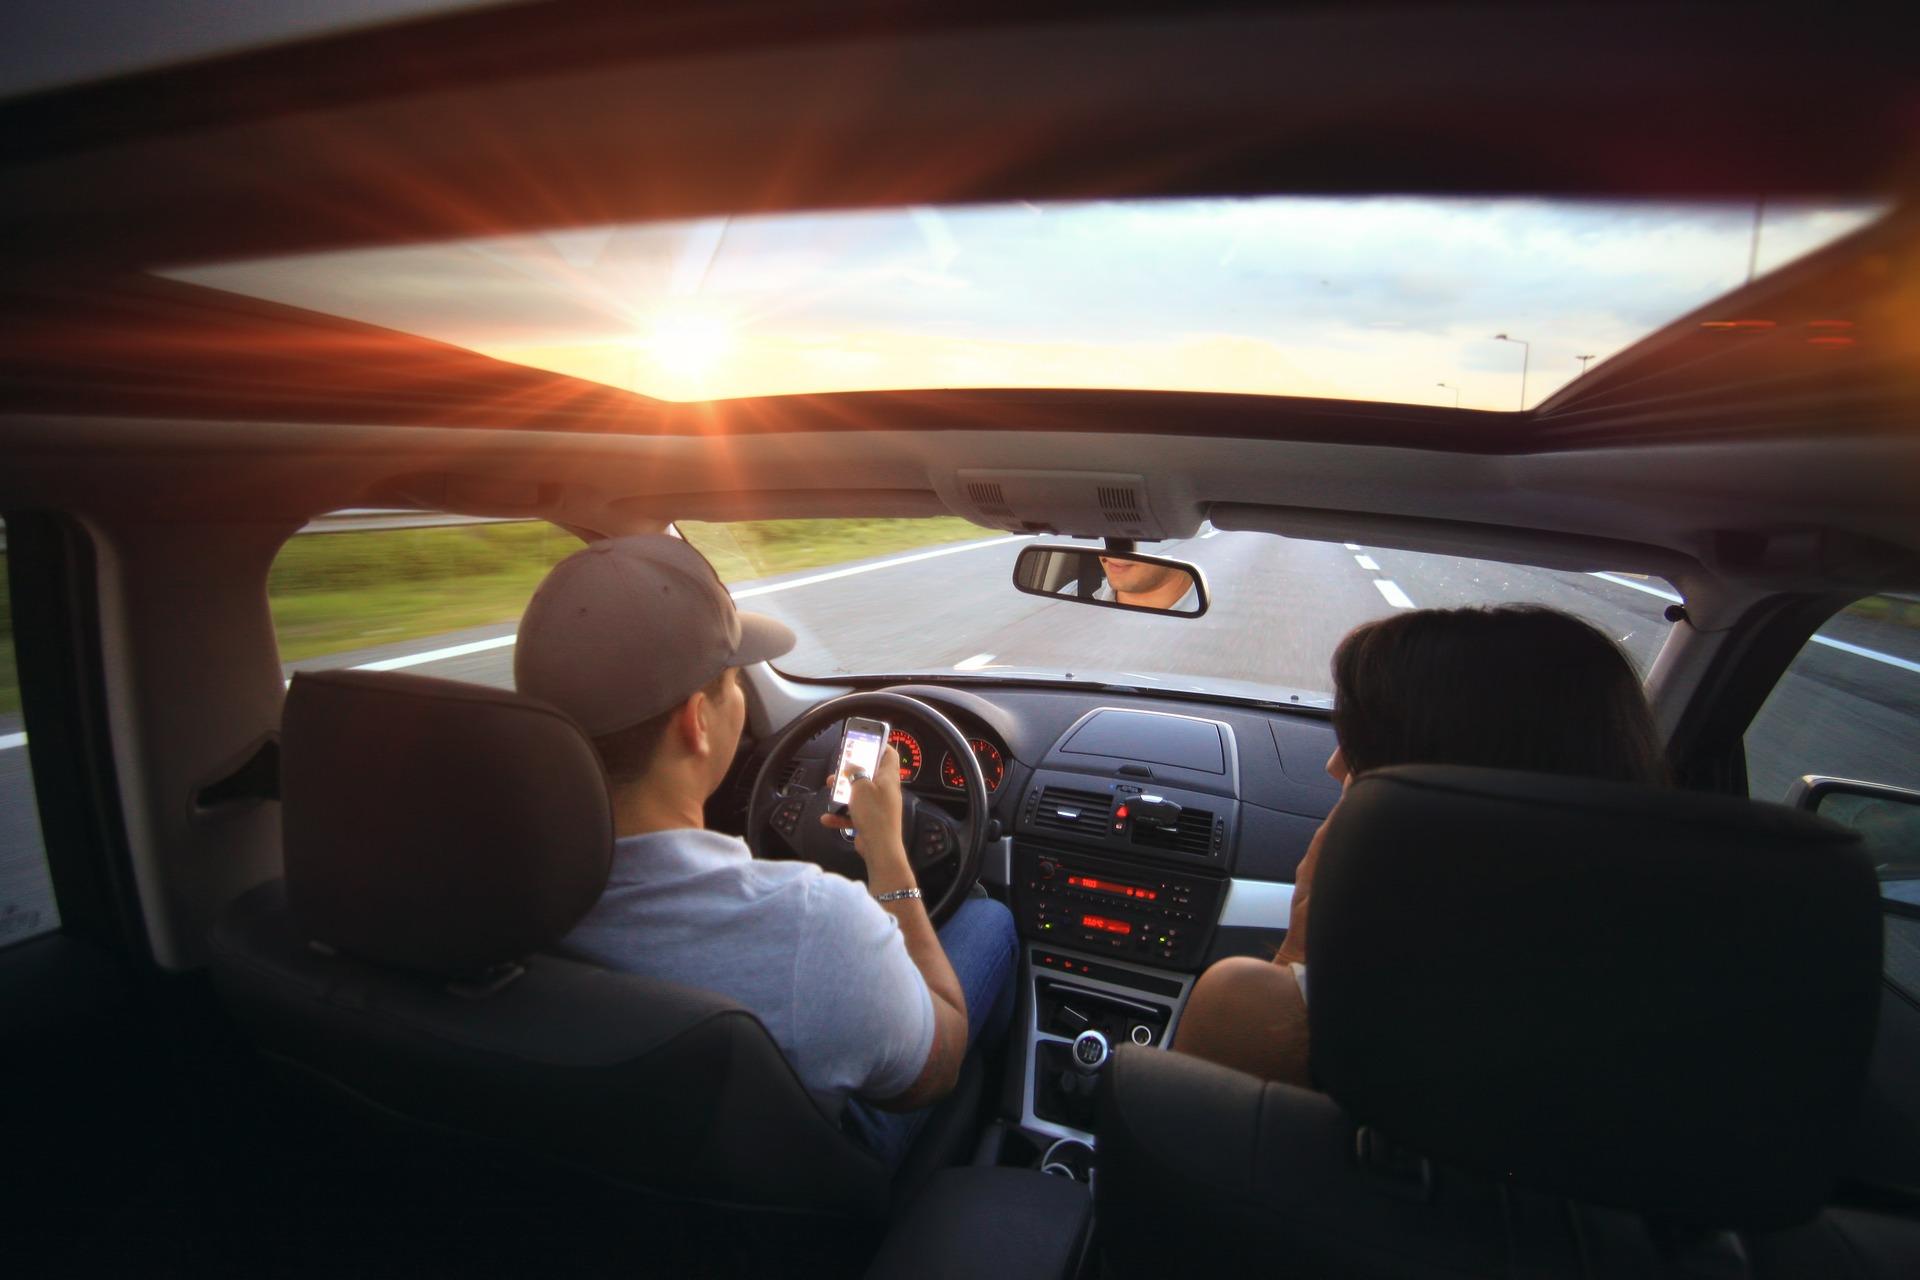 ביטוח תלוי שימוש וניטור נהיגה – תמונת מצב עדכנית